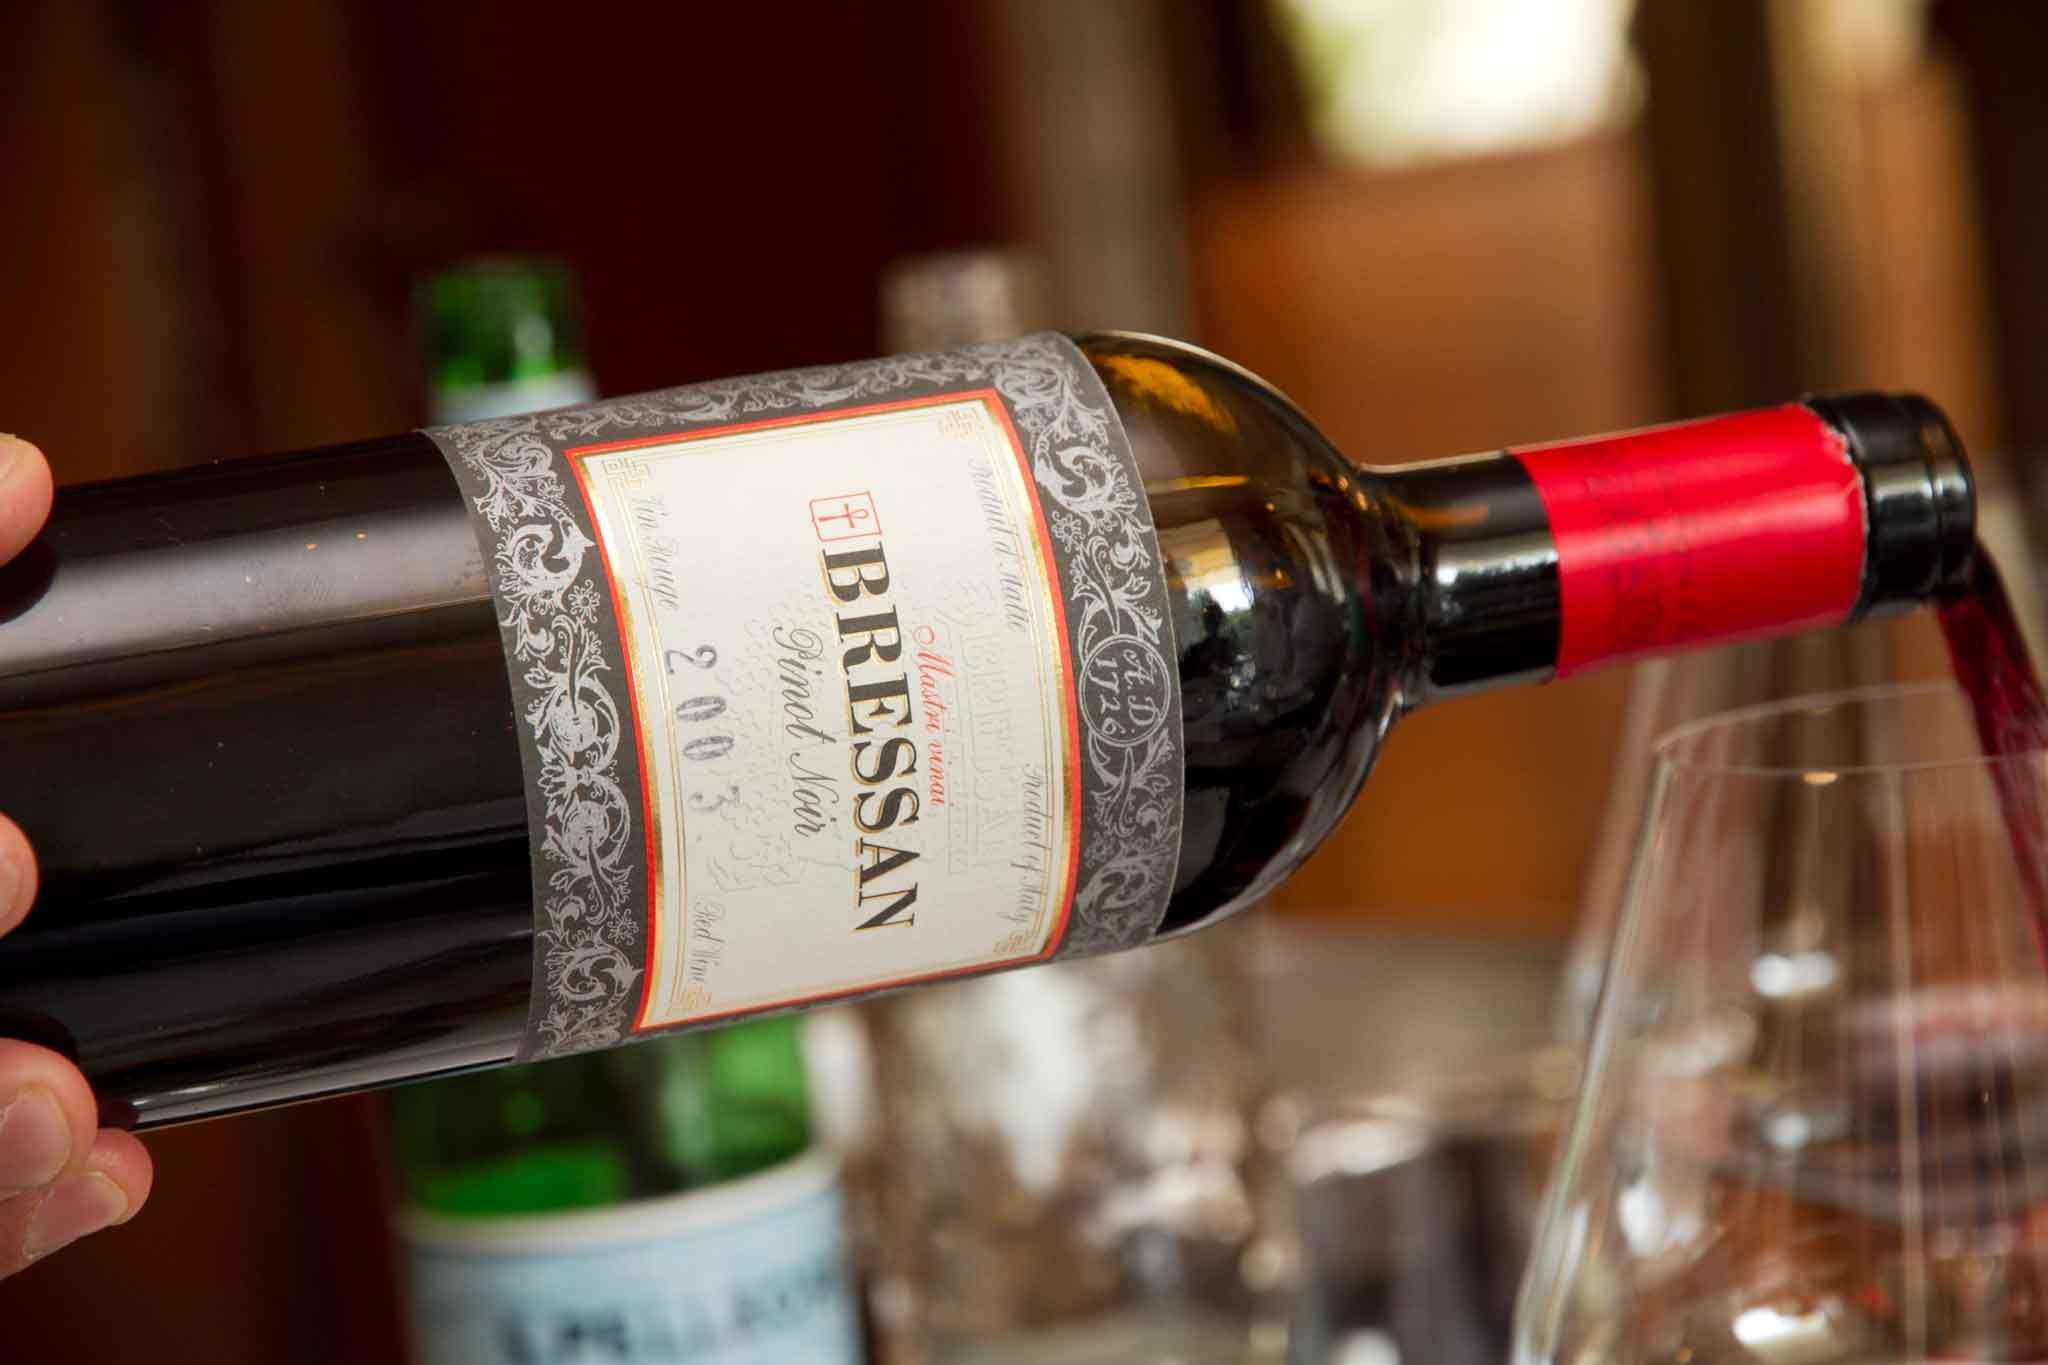 Bressan pinot nero vino